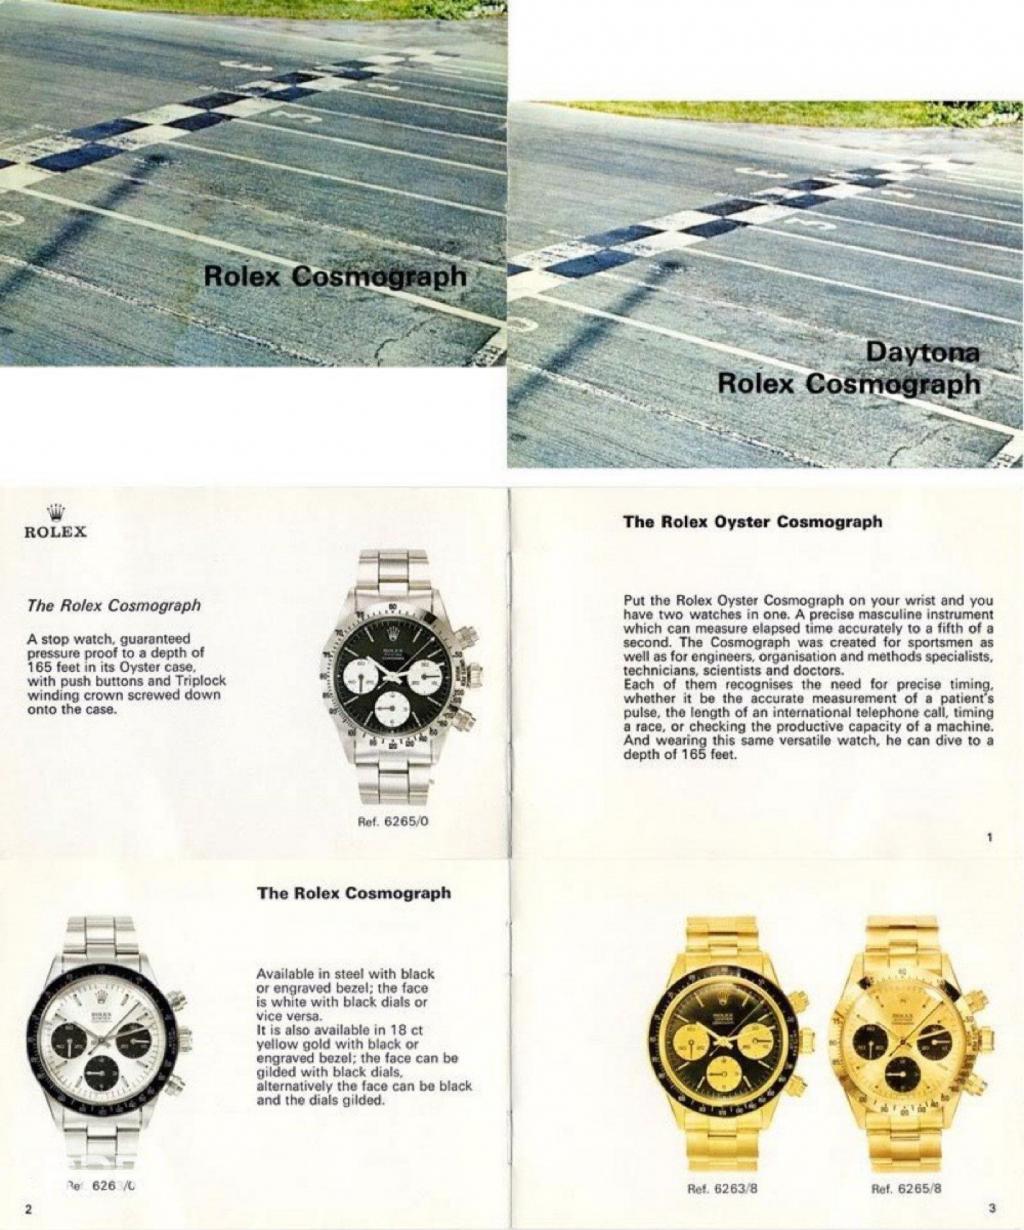 Daytona1972-20201119_01